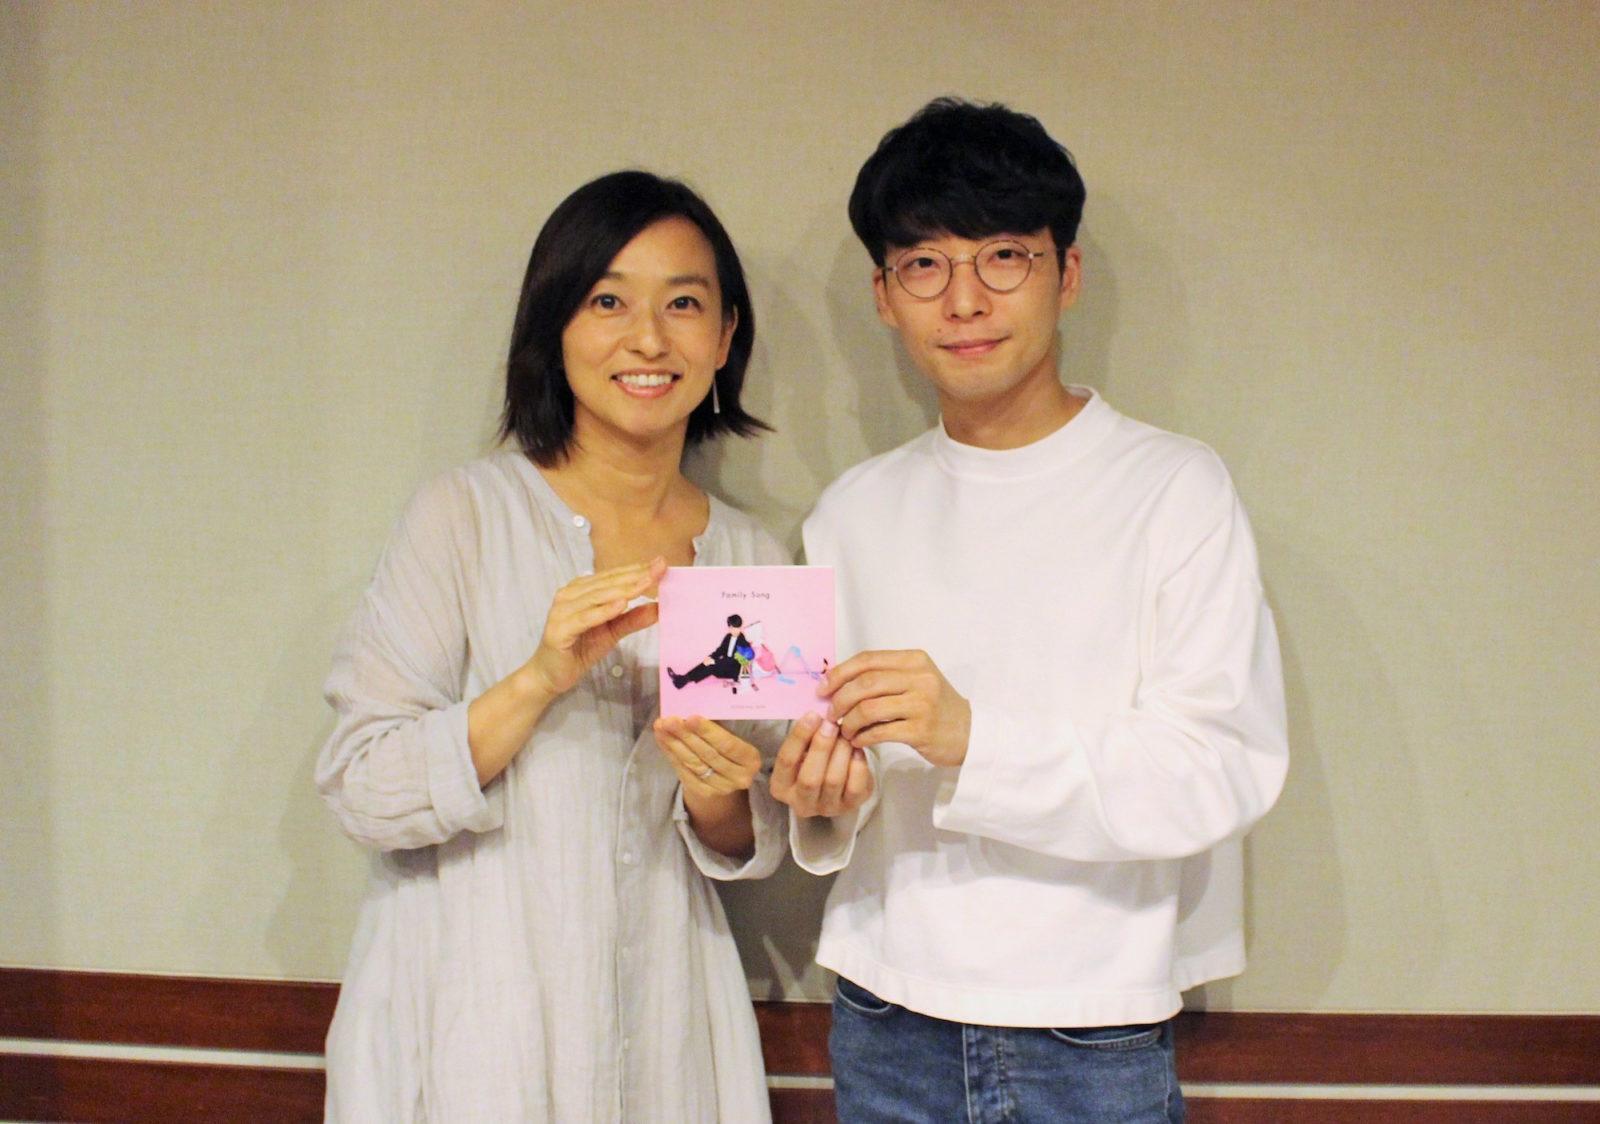 星野源、ラジオ番組で家族について語る「星野さん、結婚…近いんじゃないでしょうか!?」サムネイル画像